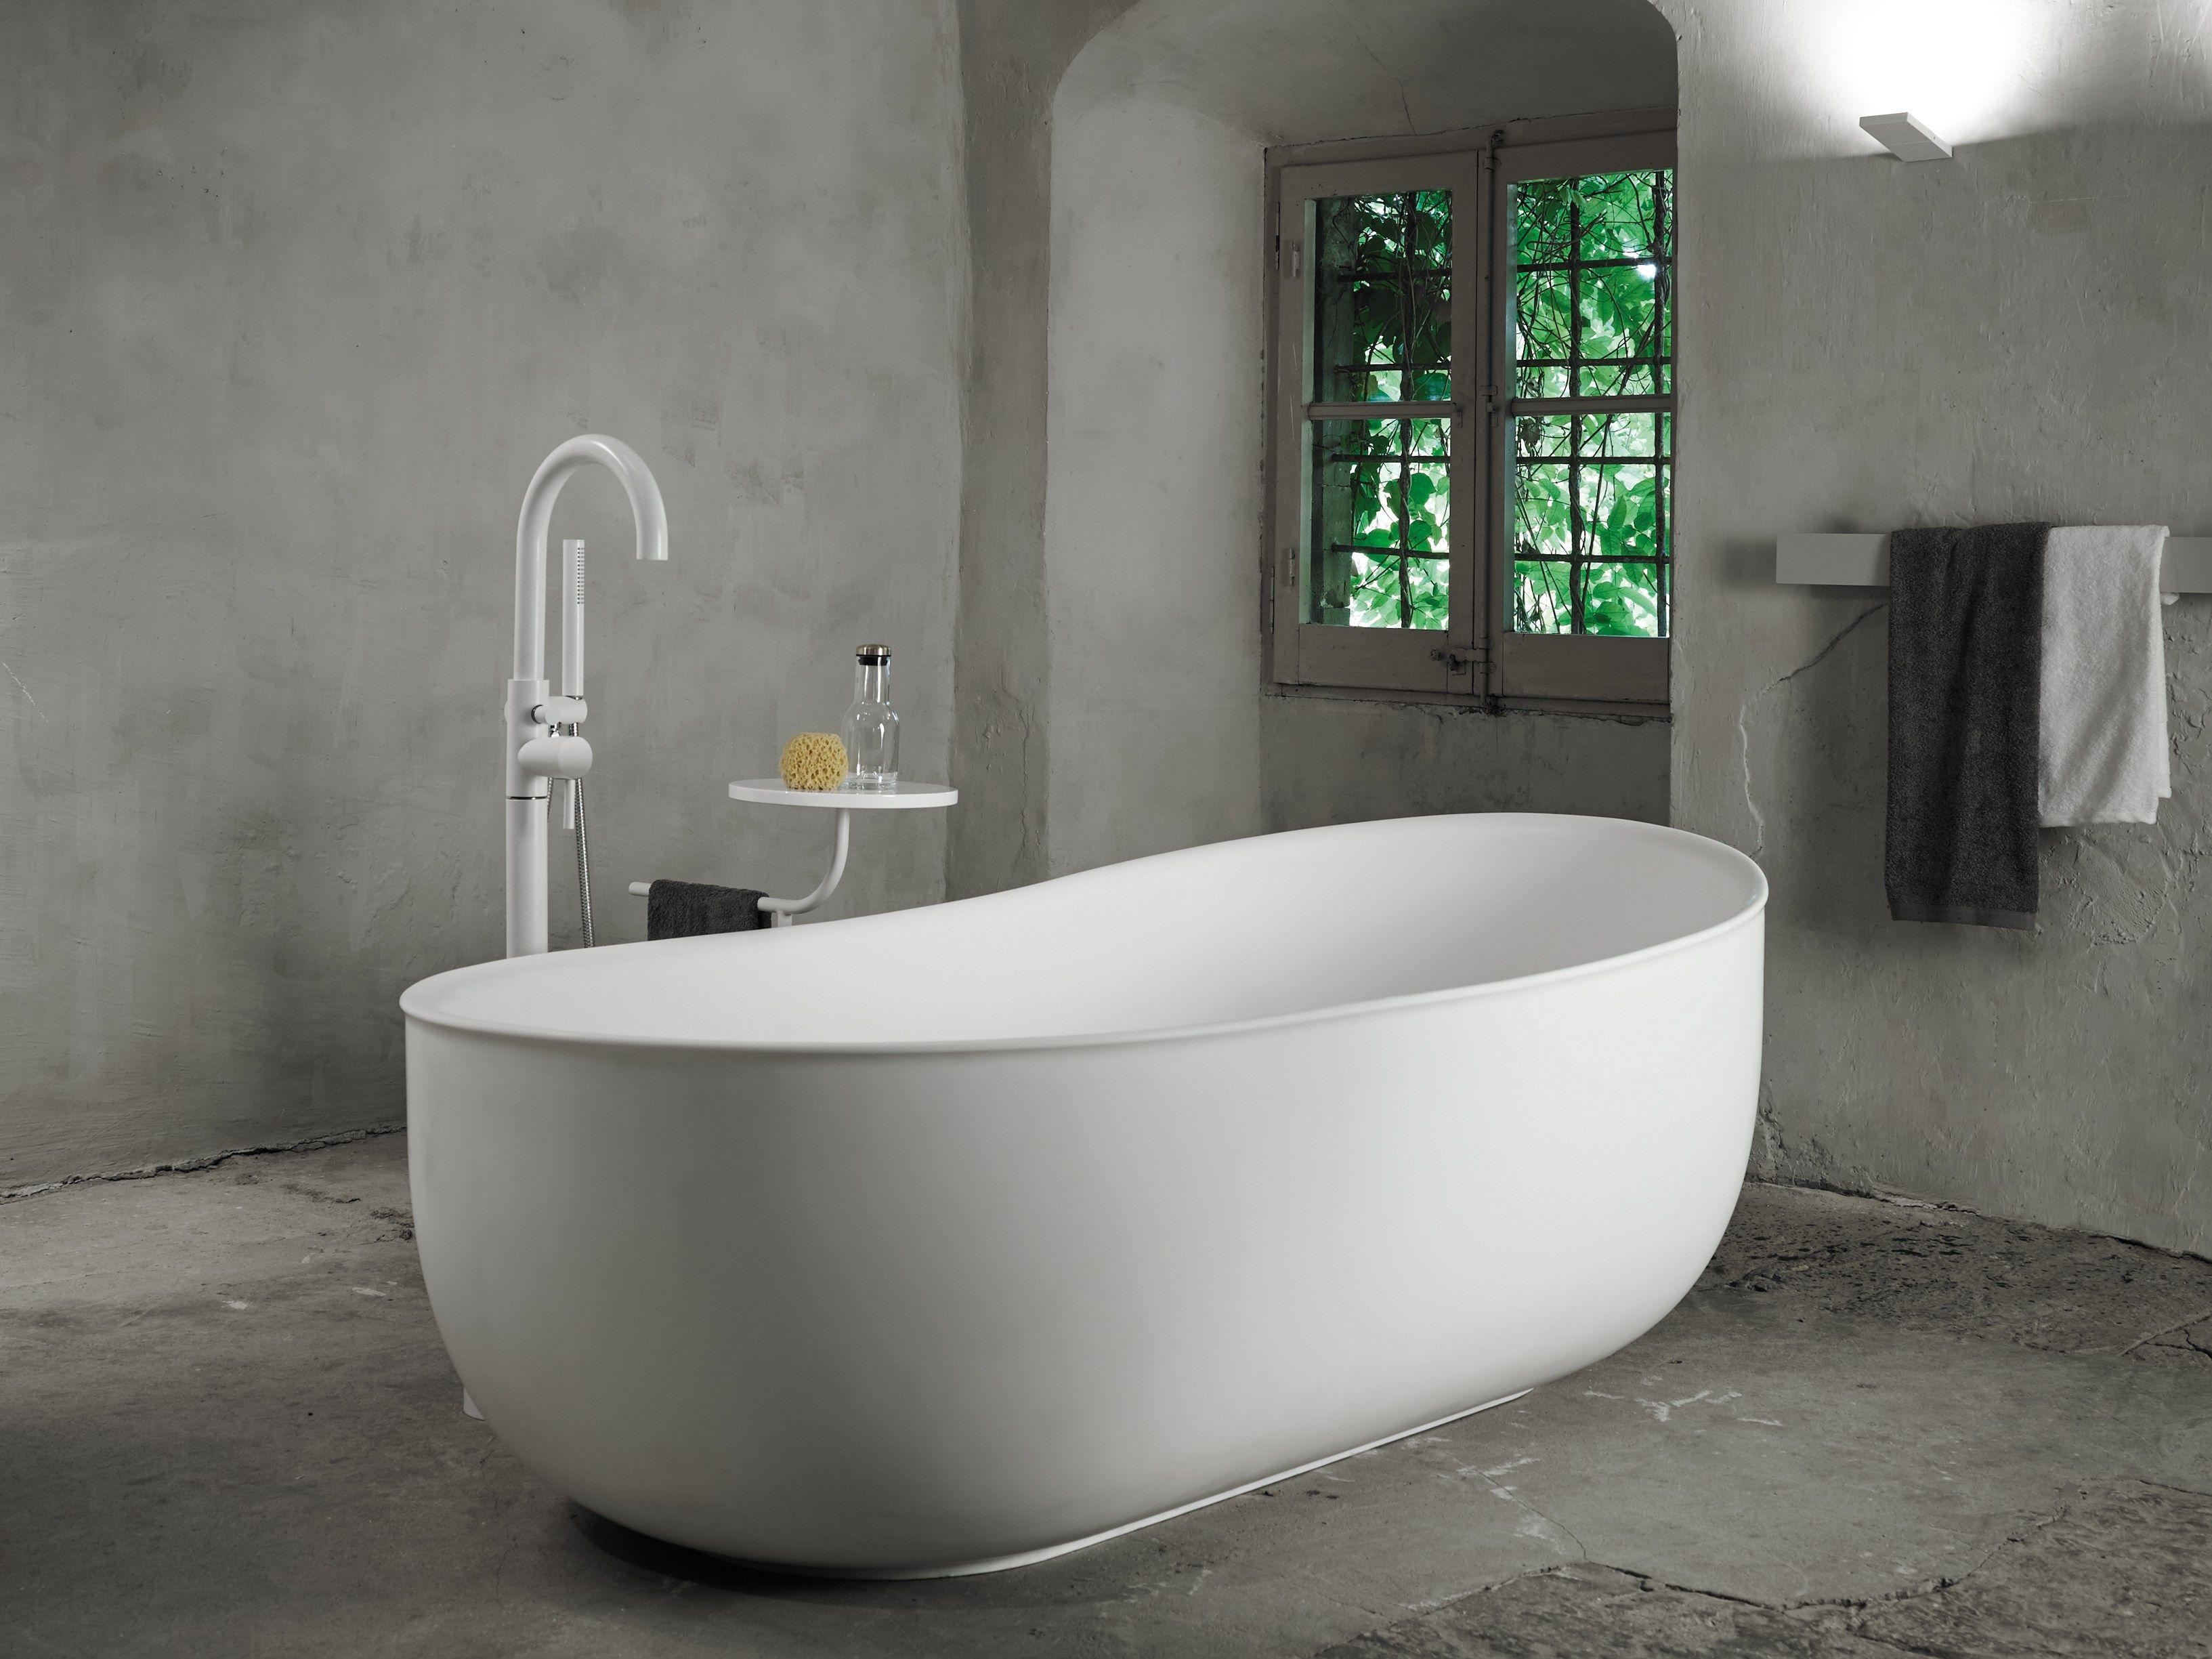 prime suite badewanne by inbani design norm architects. Black Bedroom Furniture Sets. Home Design Ideas